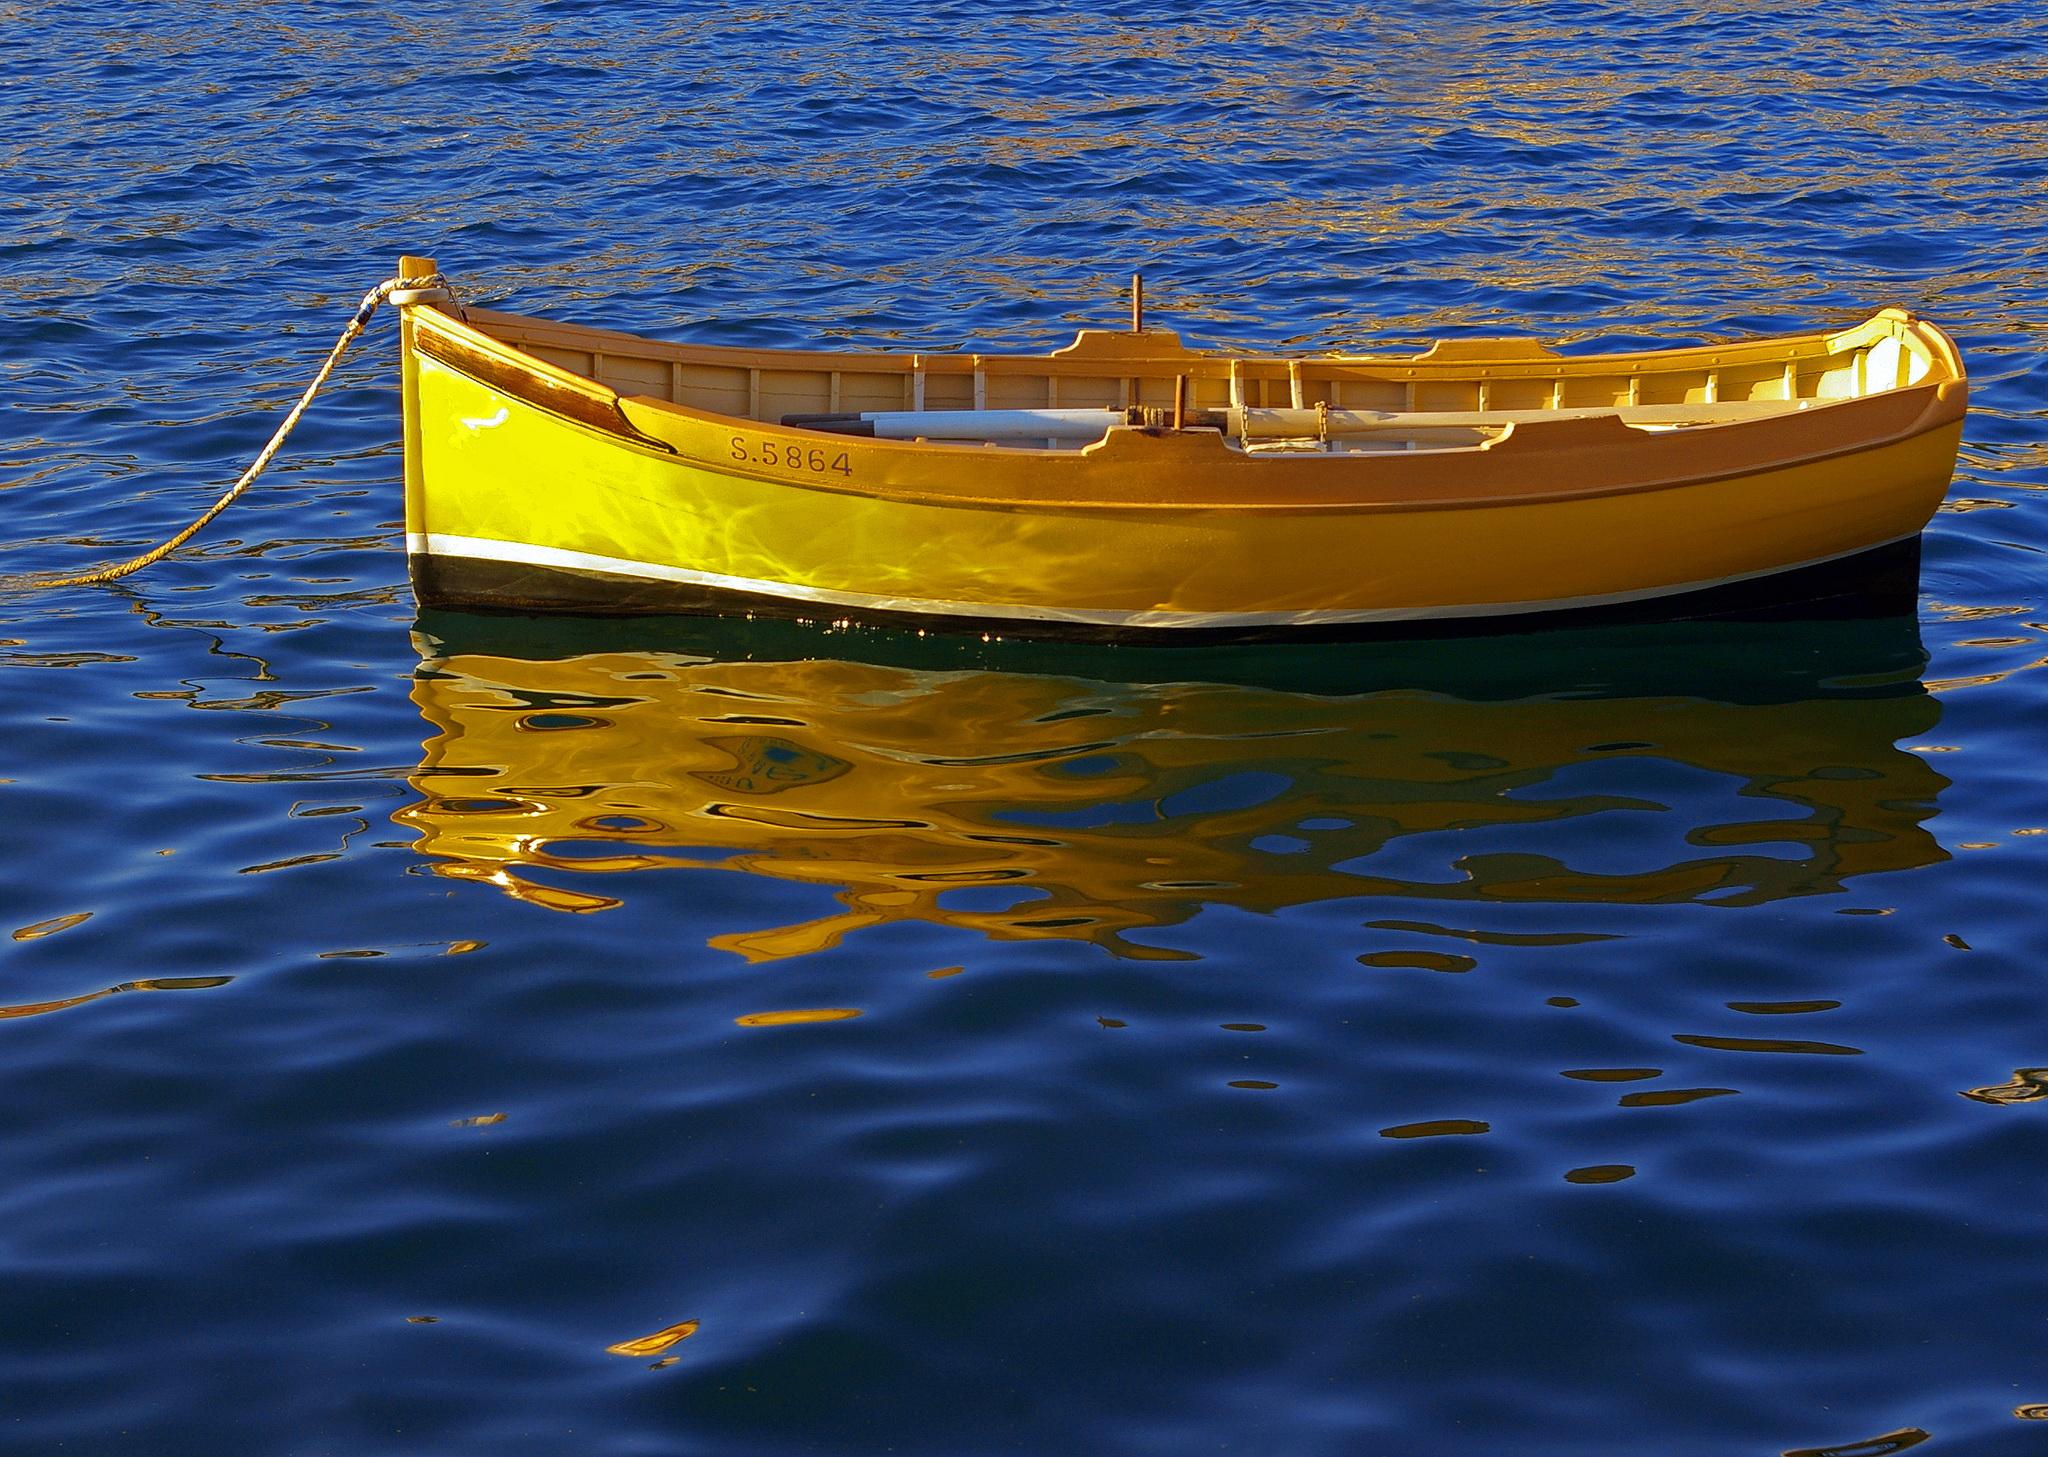 по реке плывет лодка с гребцом а рядом с ней плот